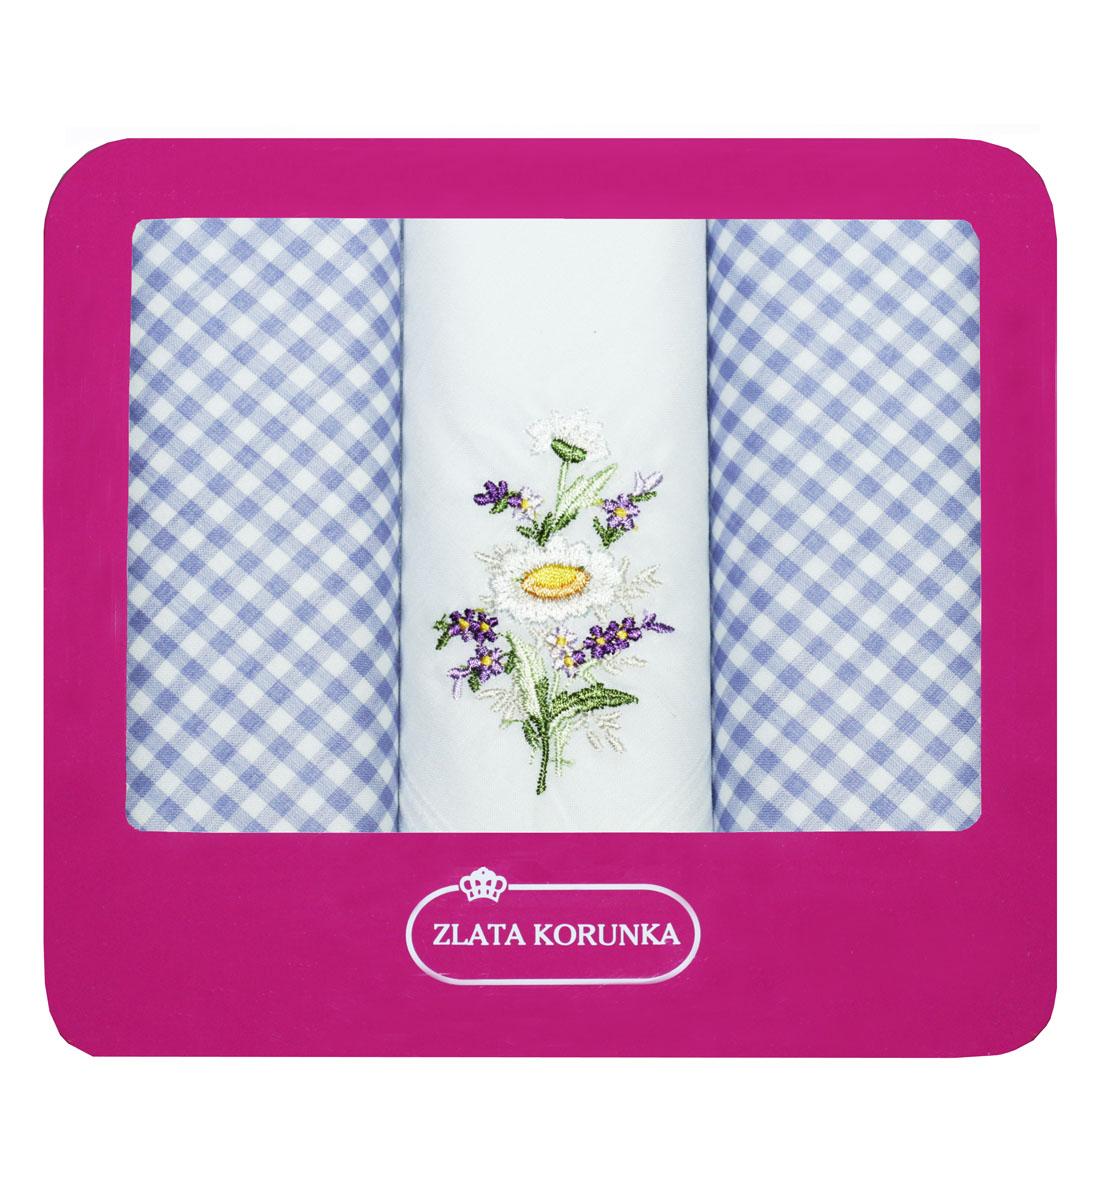 90330-5 Zlata Korunka Носовой платок женский, цвет: мультиколор, 29х29 см, 3 шт90330-5Платки носовые женские в упаковке по 3 шт. Носовые платки изготовлены из 100% хлопка, так как этот материал приятен в использовании, хорошо стирается, не садится, отлично впитывает влагу.